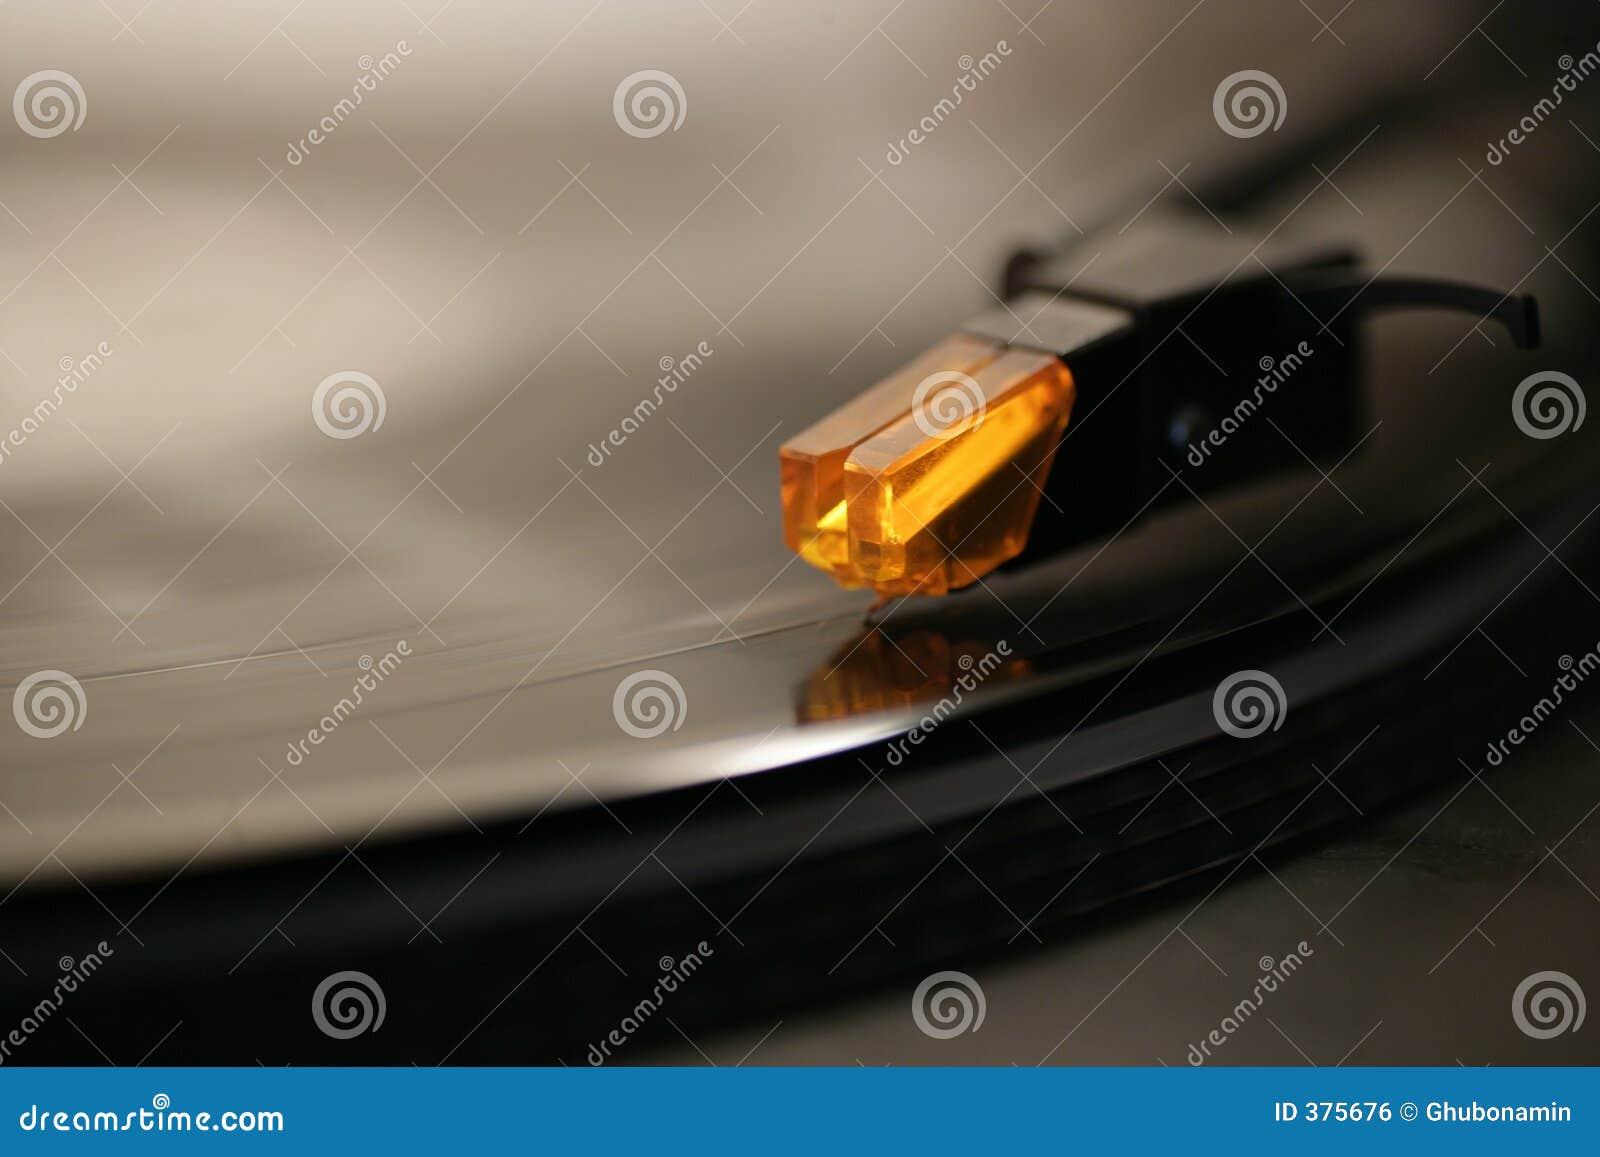 Tourne-disque